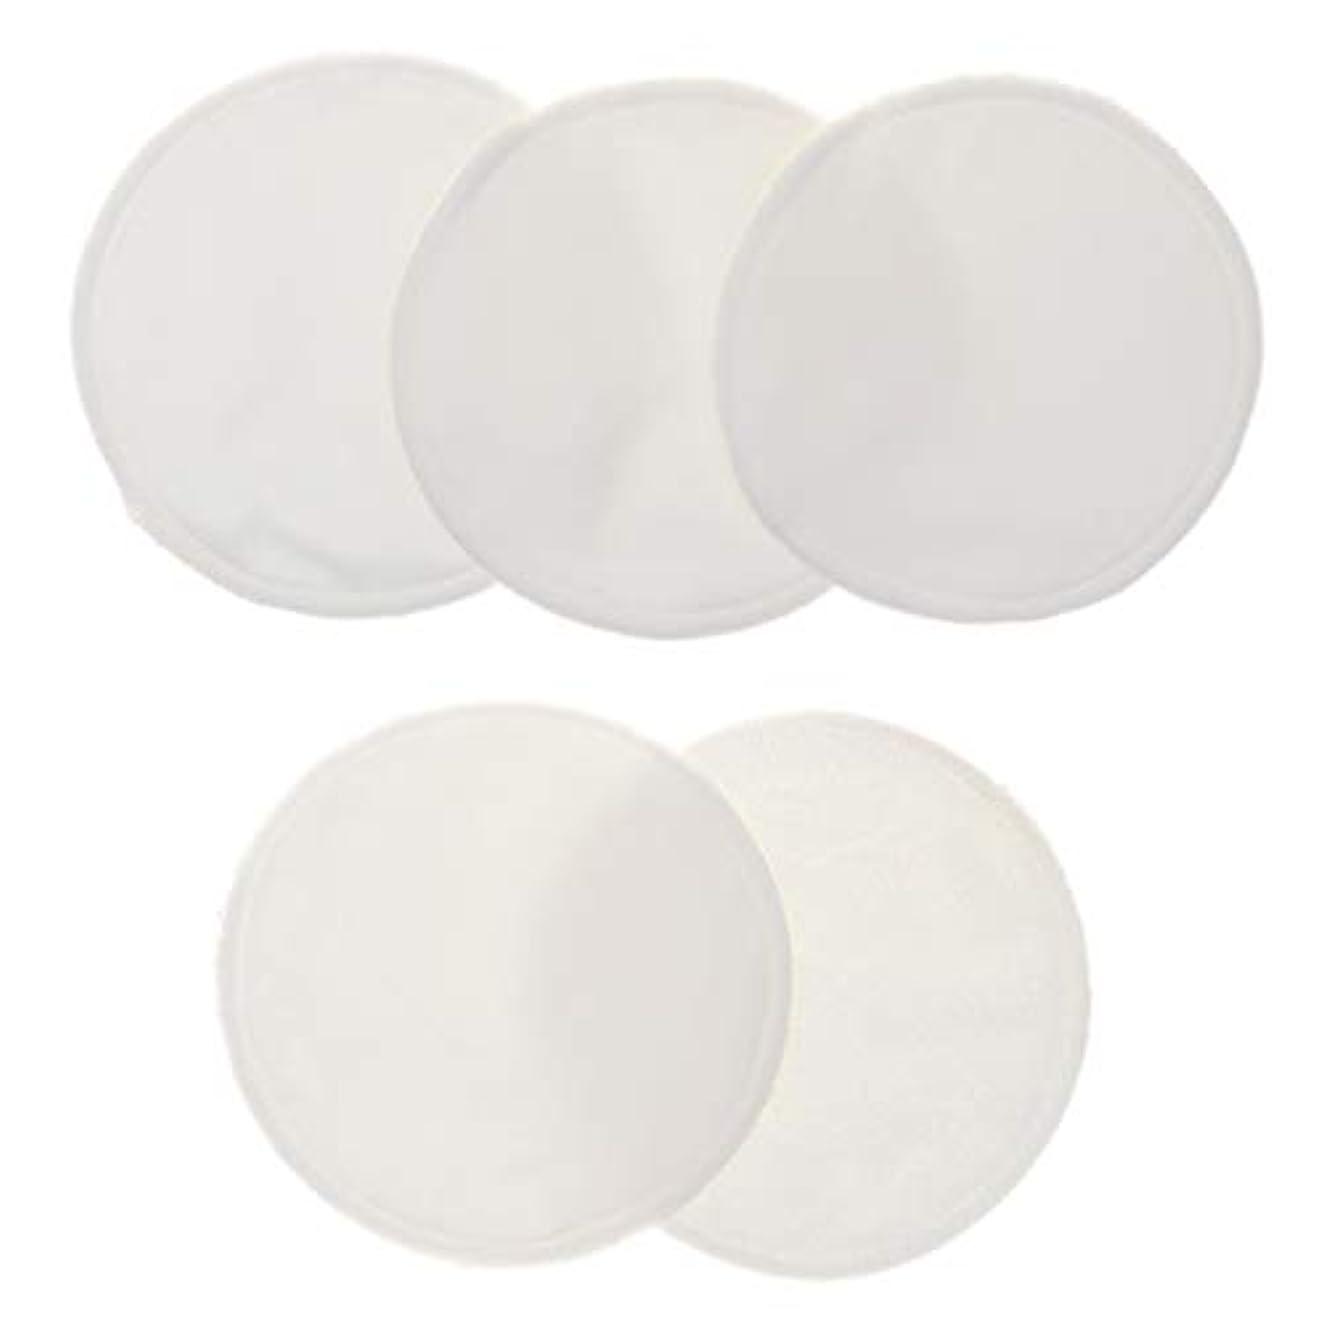 円形のエラードレスCUTICATE 5個 クレンジングシート 胸パッド 化粧用 竹繊維 円形 12cm 洗える 再使用可能 耐久性 全5色 - 白